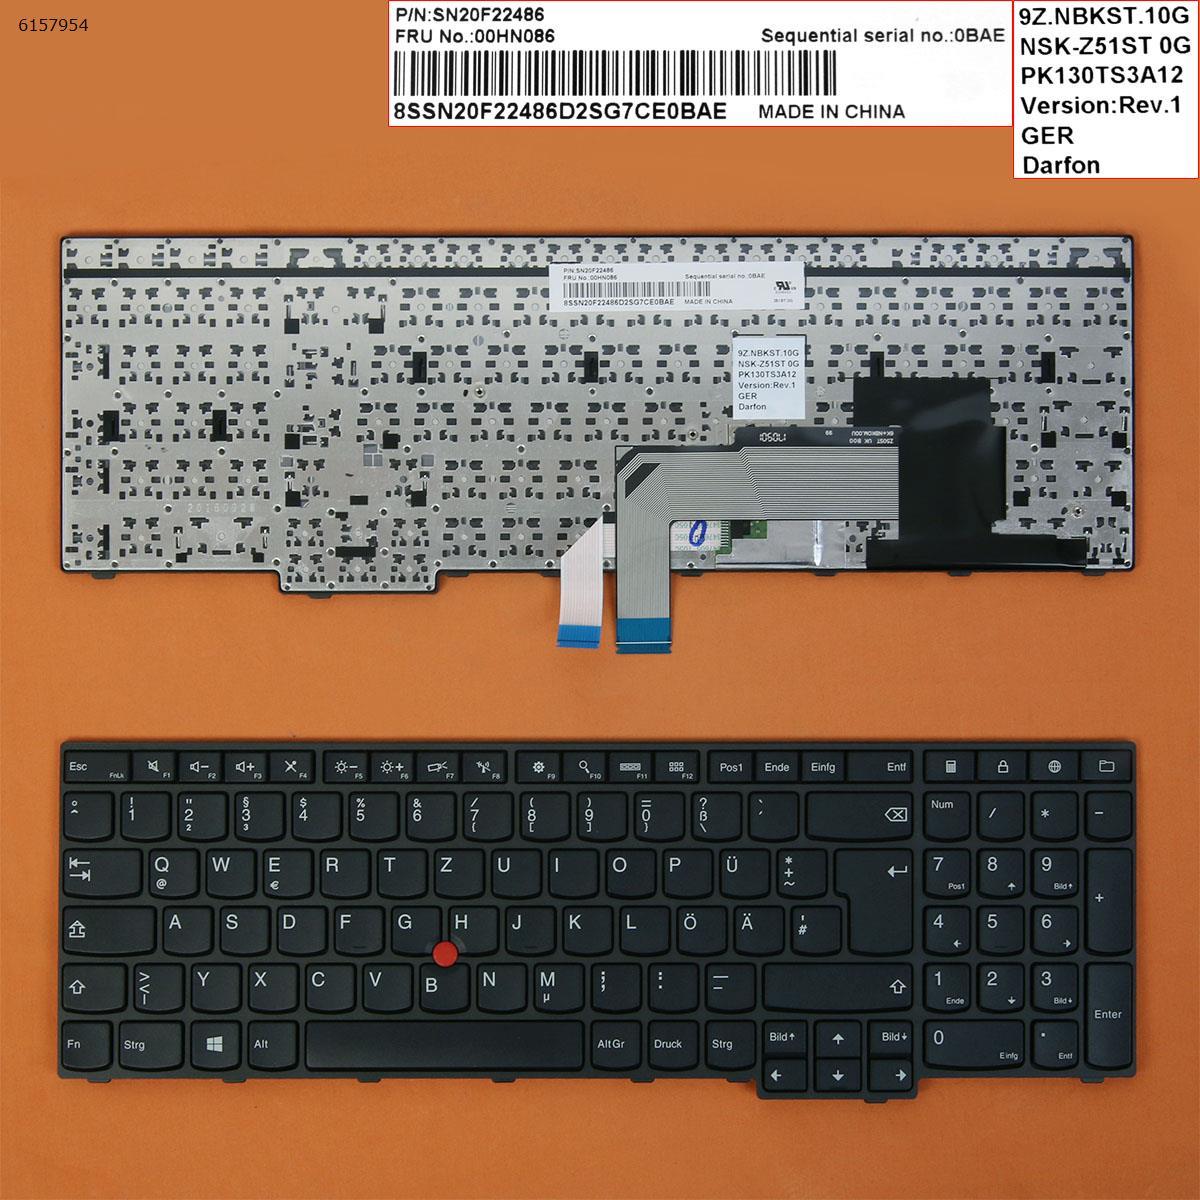 Alemão qwertz novo teclado de substituição para lenovo thinkpad e550 e550c e555 e560 e565 e560c portátil preto com ponteiro & quadro